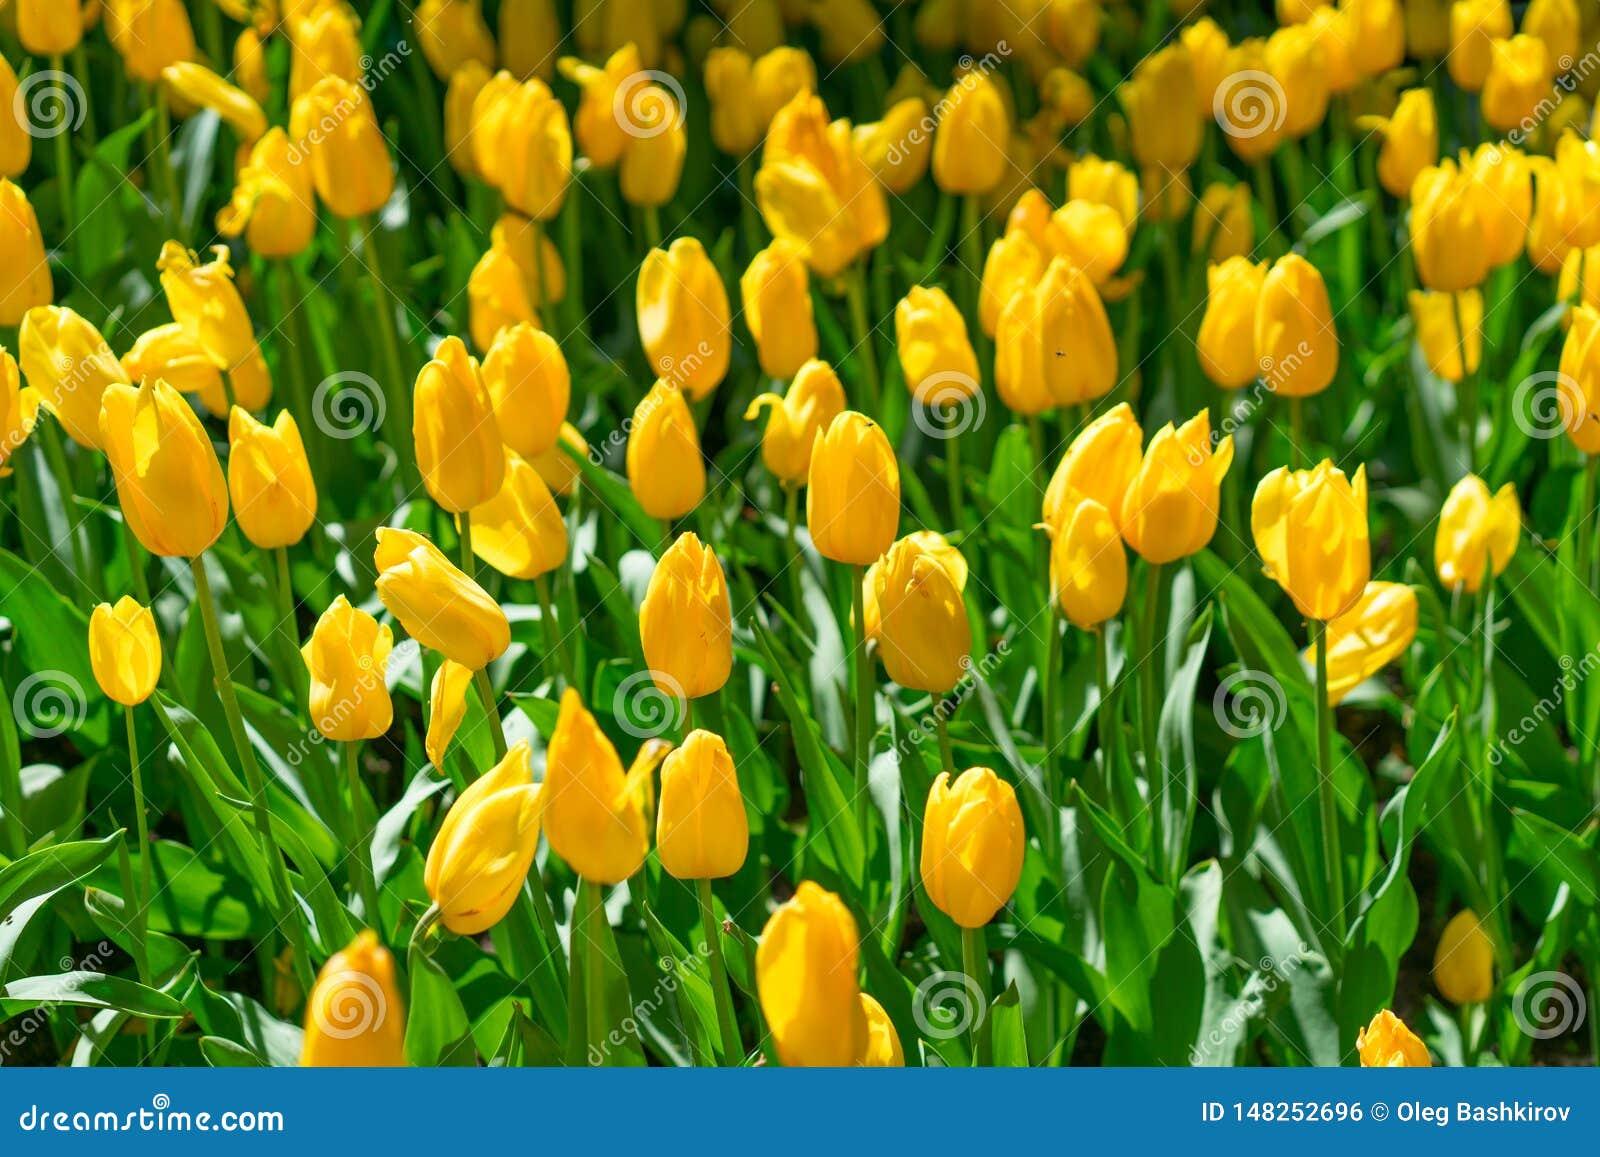 Gele die bloemtulp door zonlicht wordt aangestoken Zachte selectieve nadruk, tulpen dichte omhooggaand